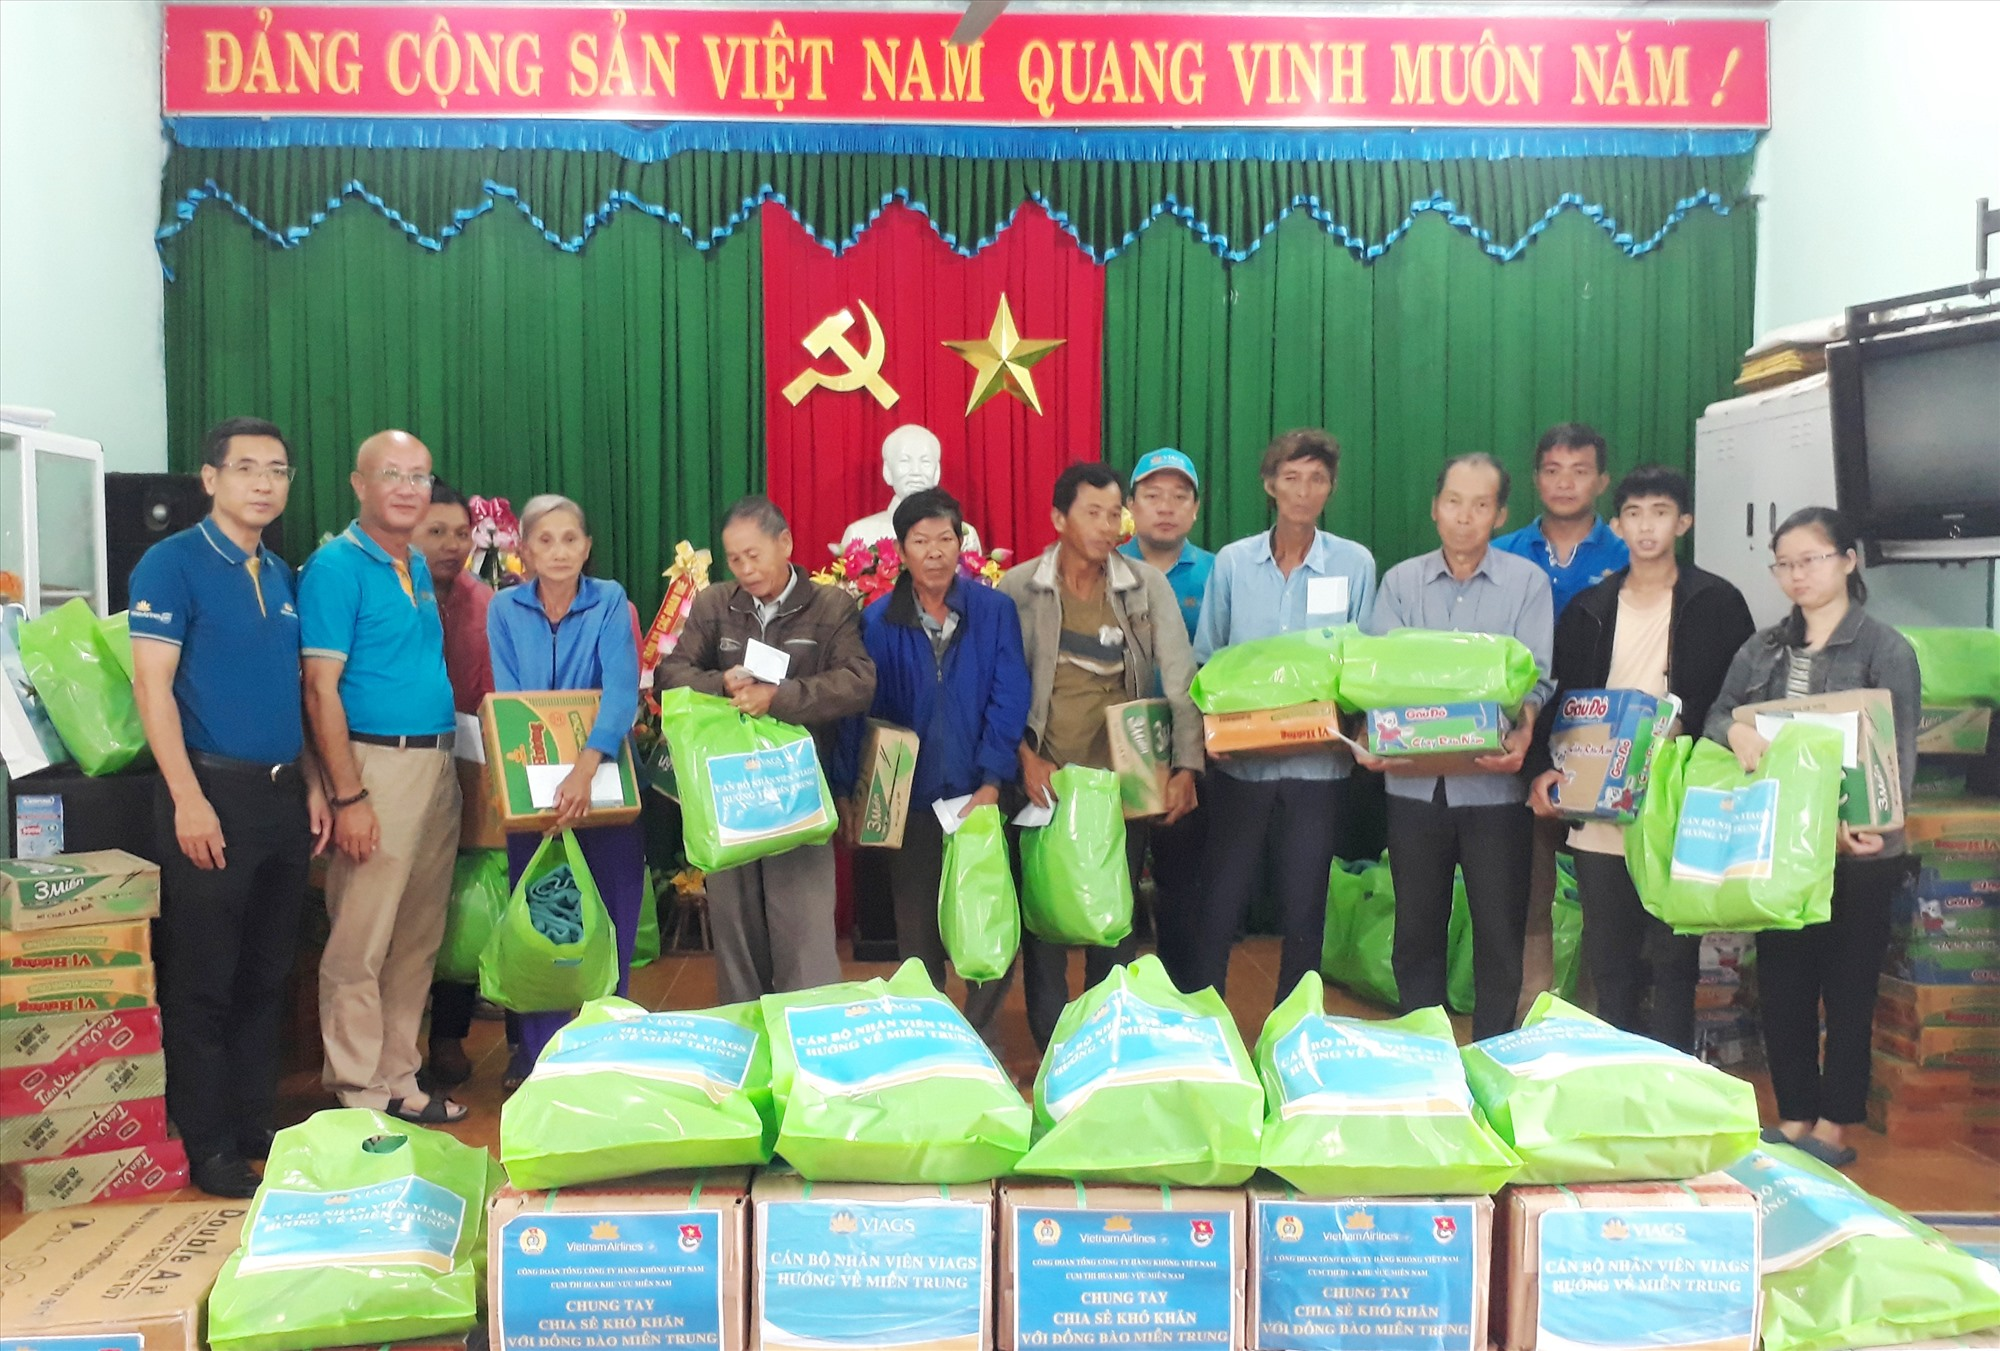 Tặng quà cho người dân khó khăn bị thiệt hại bởi bão số 9. ảnh DT